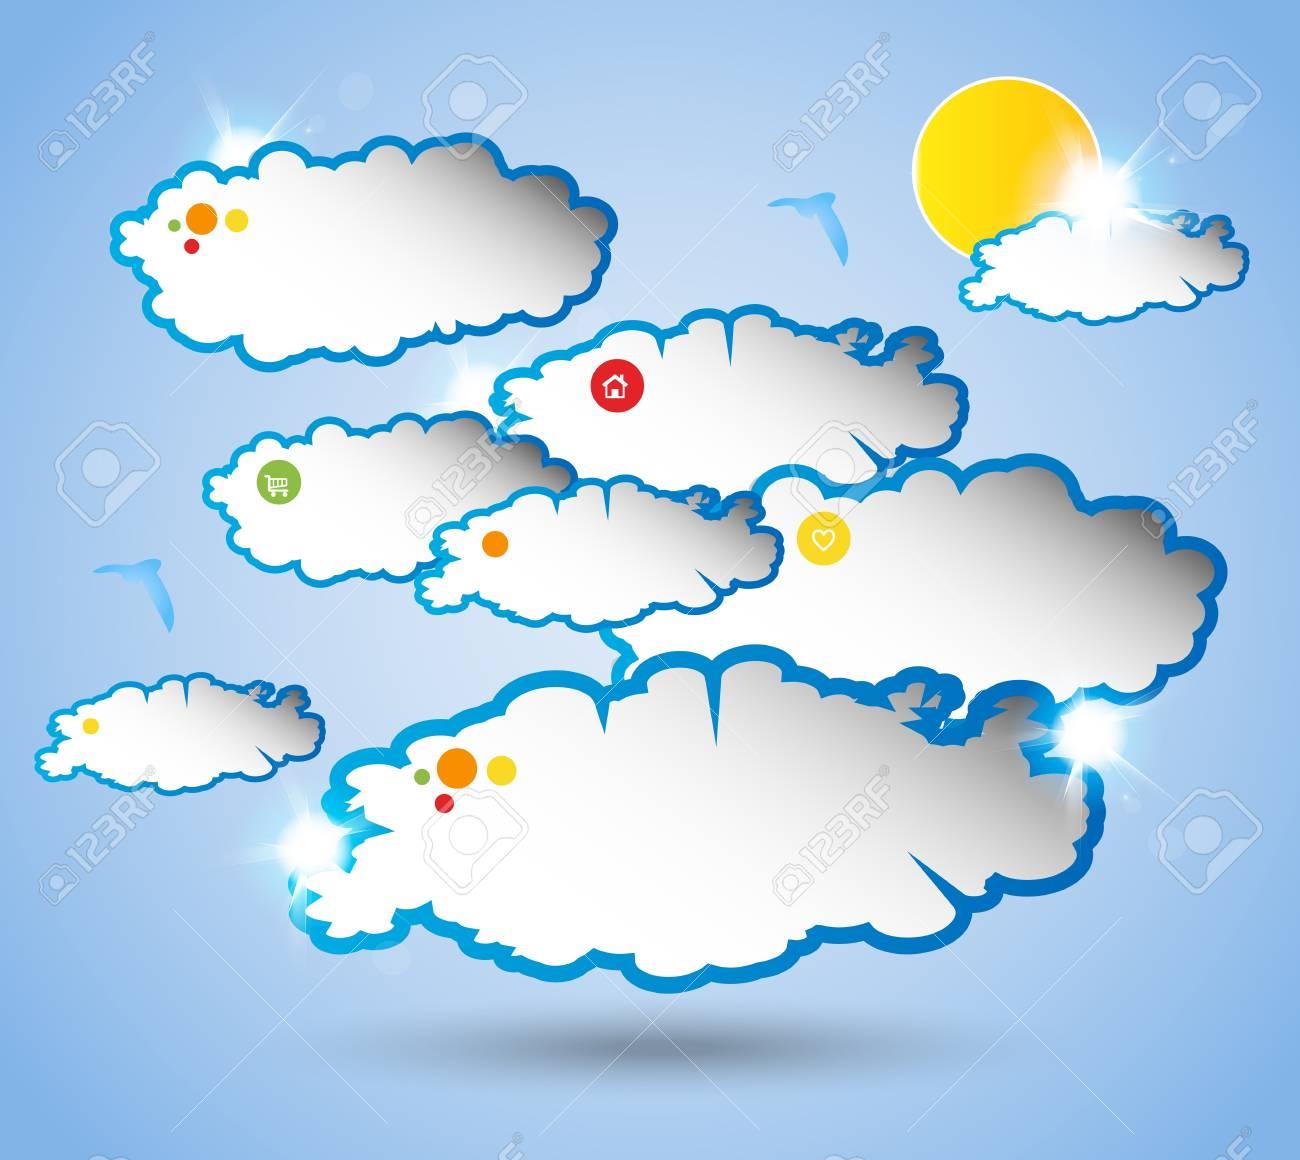 Abstract web design sky bubble Stock Vector - 20947120